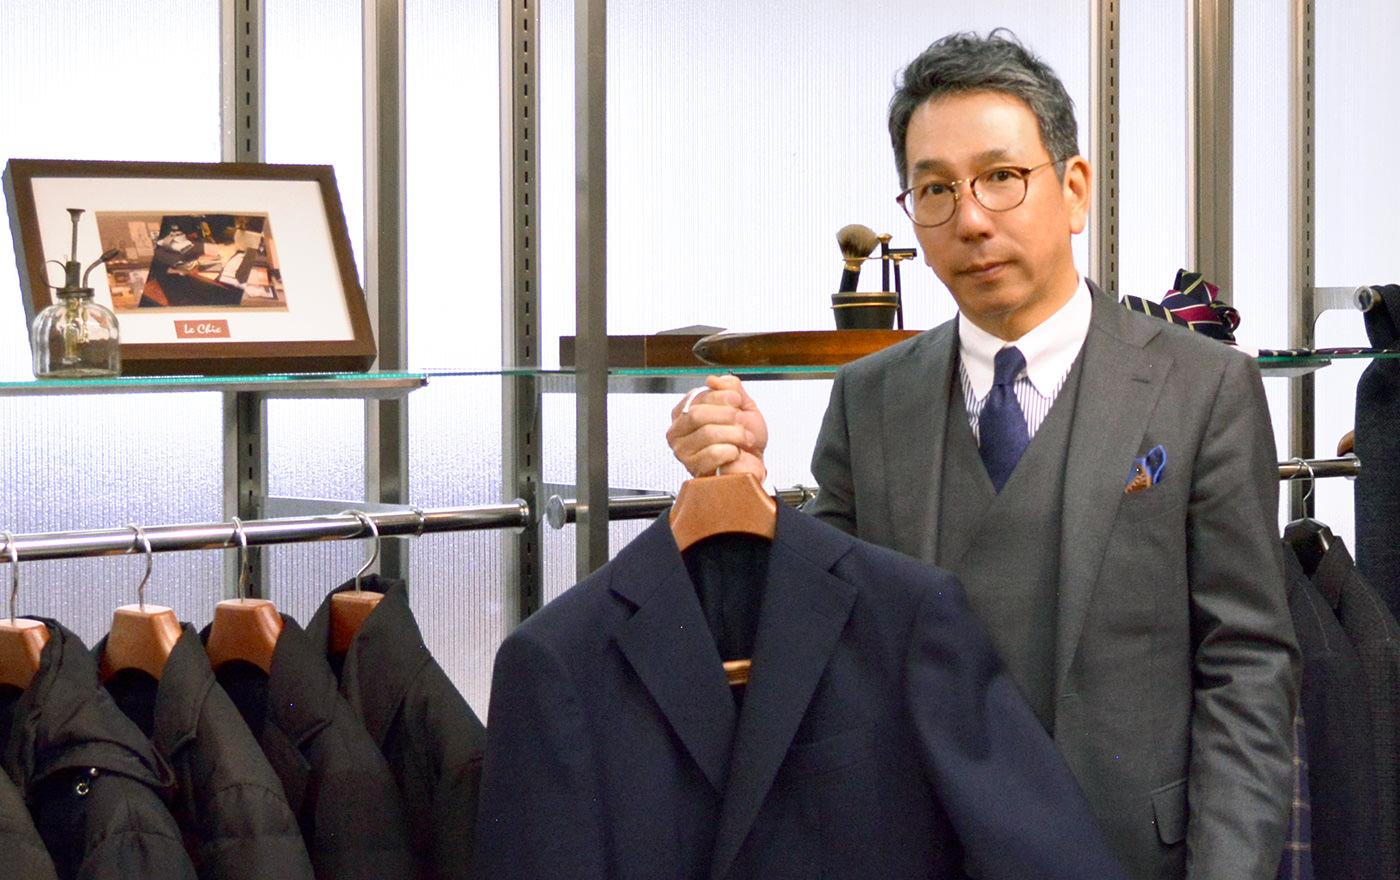 株式会社スリーエム 代表取締役 村田 佳則